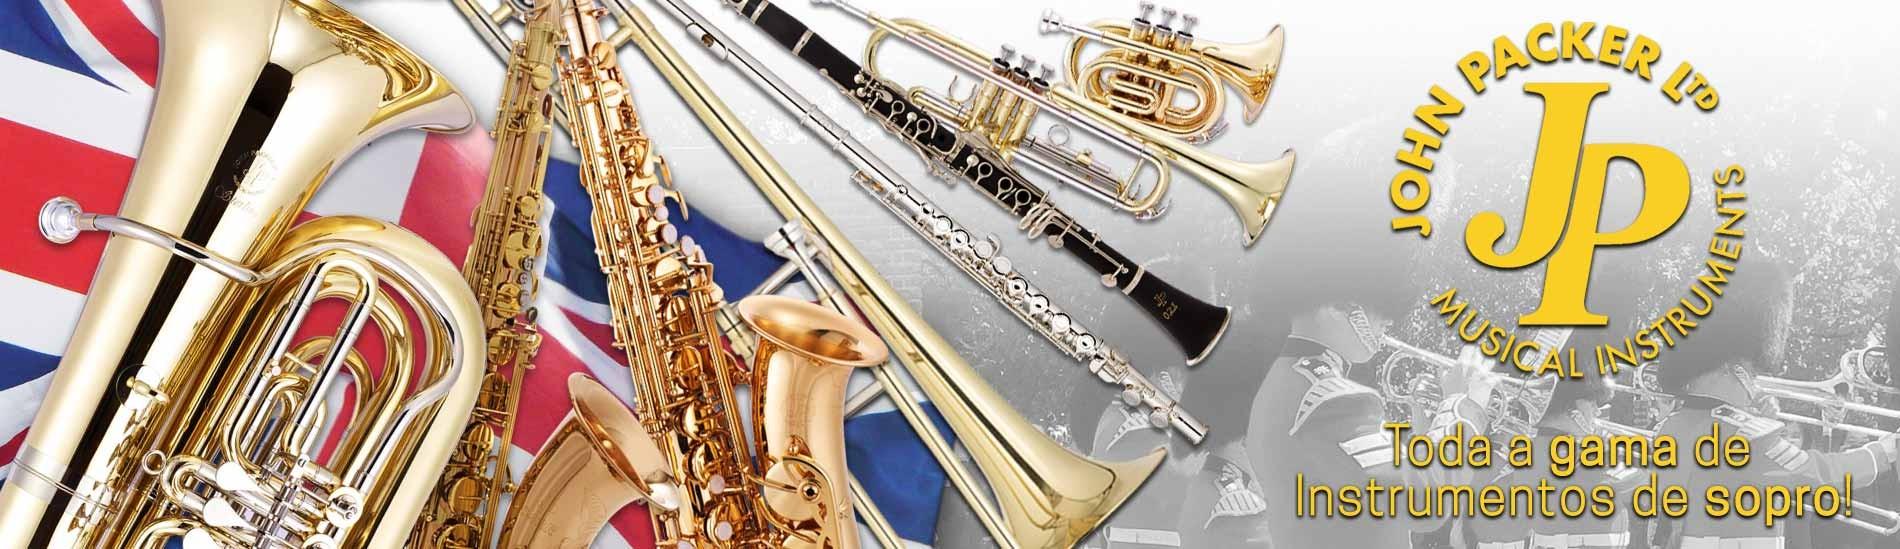 Instrumentos de sopro John Packer